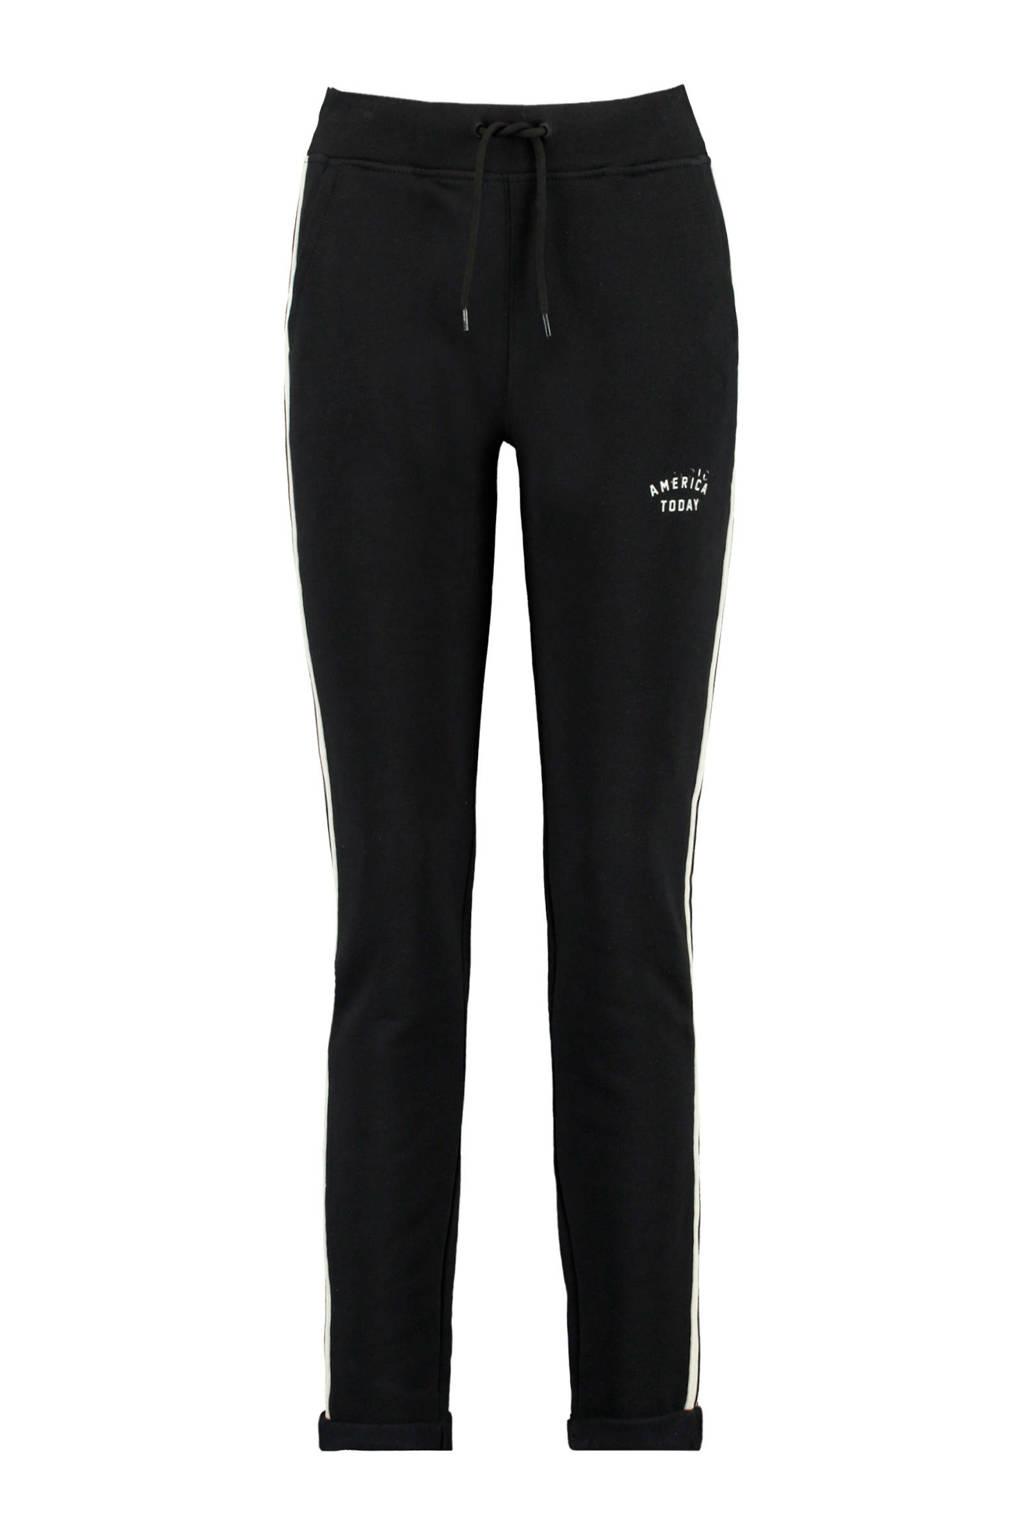 America Today slim fit joggingbroek met zijstreep zwart, Zwart